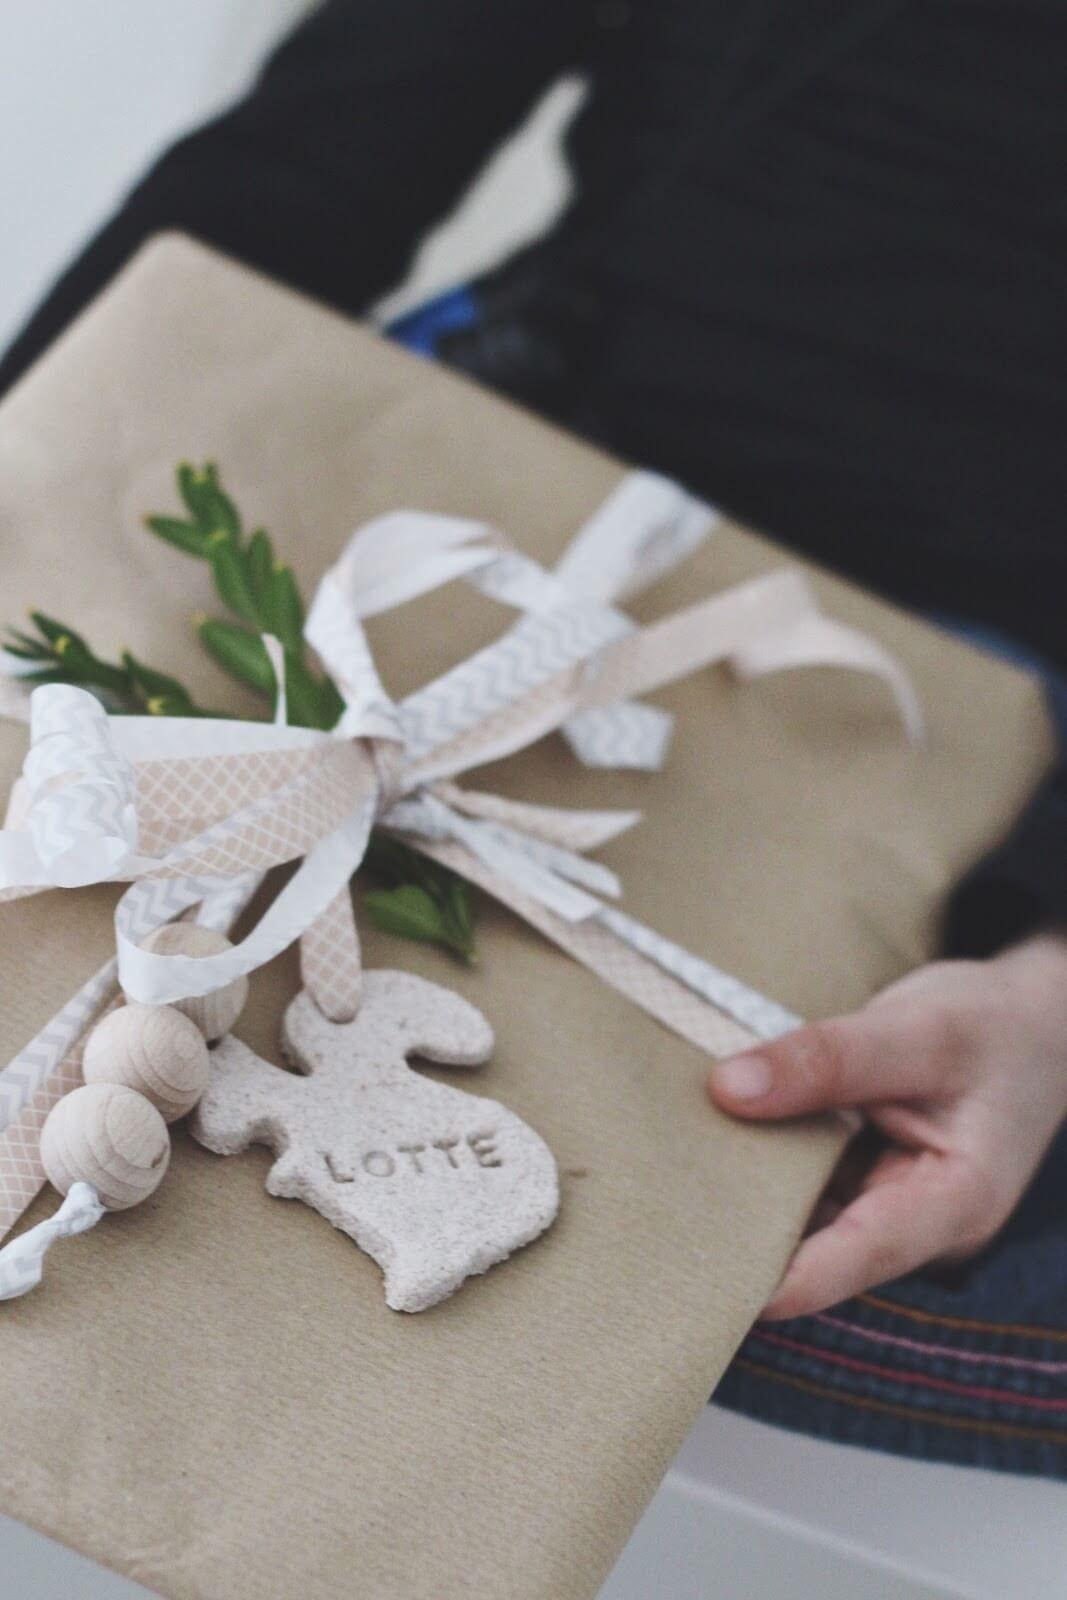 diy geschenkverpackung einfach selbst gestalten weihnachten pinterest salzteig. Black Bedroom Furniture Sets. Home Design Ideas